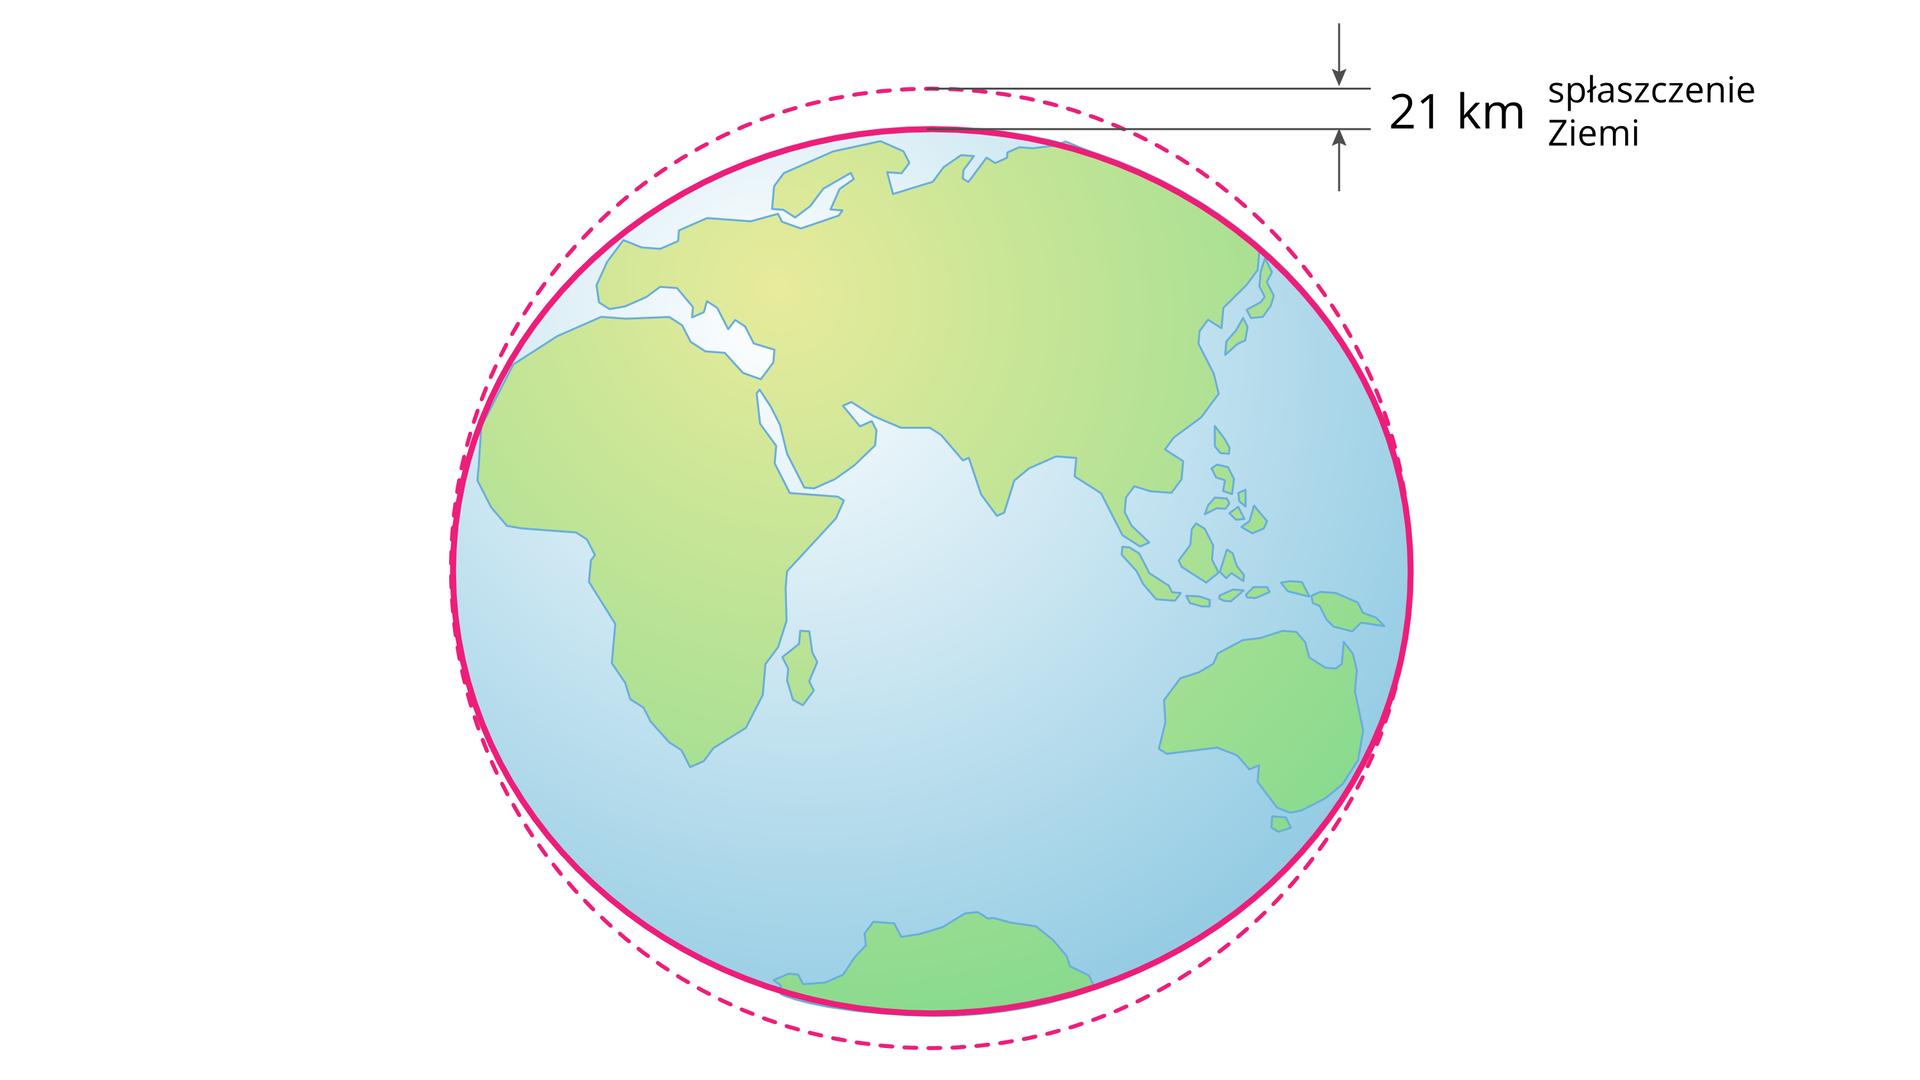 Ilustracja Ziemi. Ziemia jest nieco spłaszczona na biegunach. Zprawej strony umieszczono zapis 21 km oznaczajacy różnicę między średnicą Ziemi mierzoną najszerszym inajwięszym miejscu.